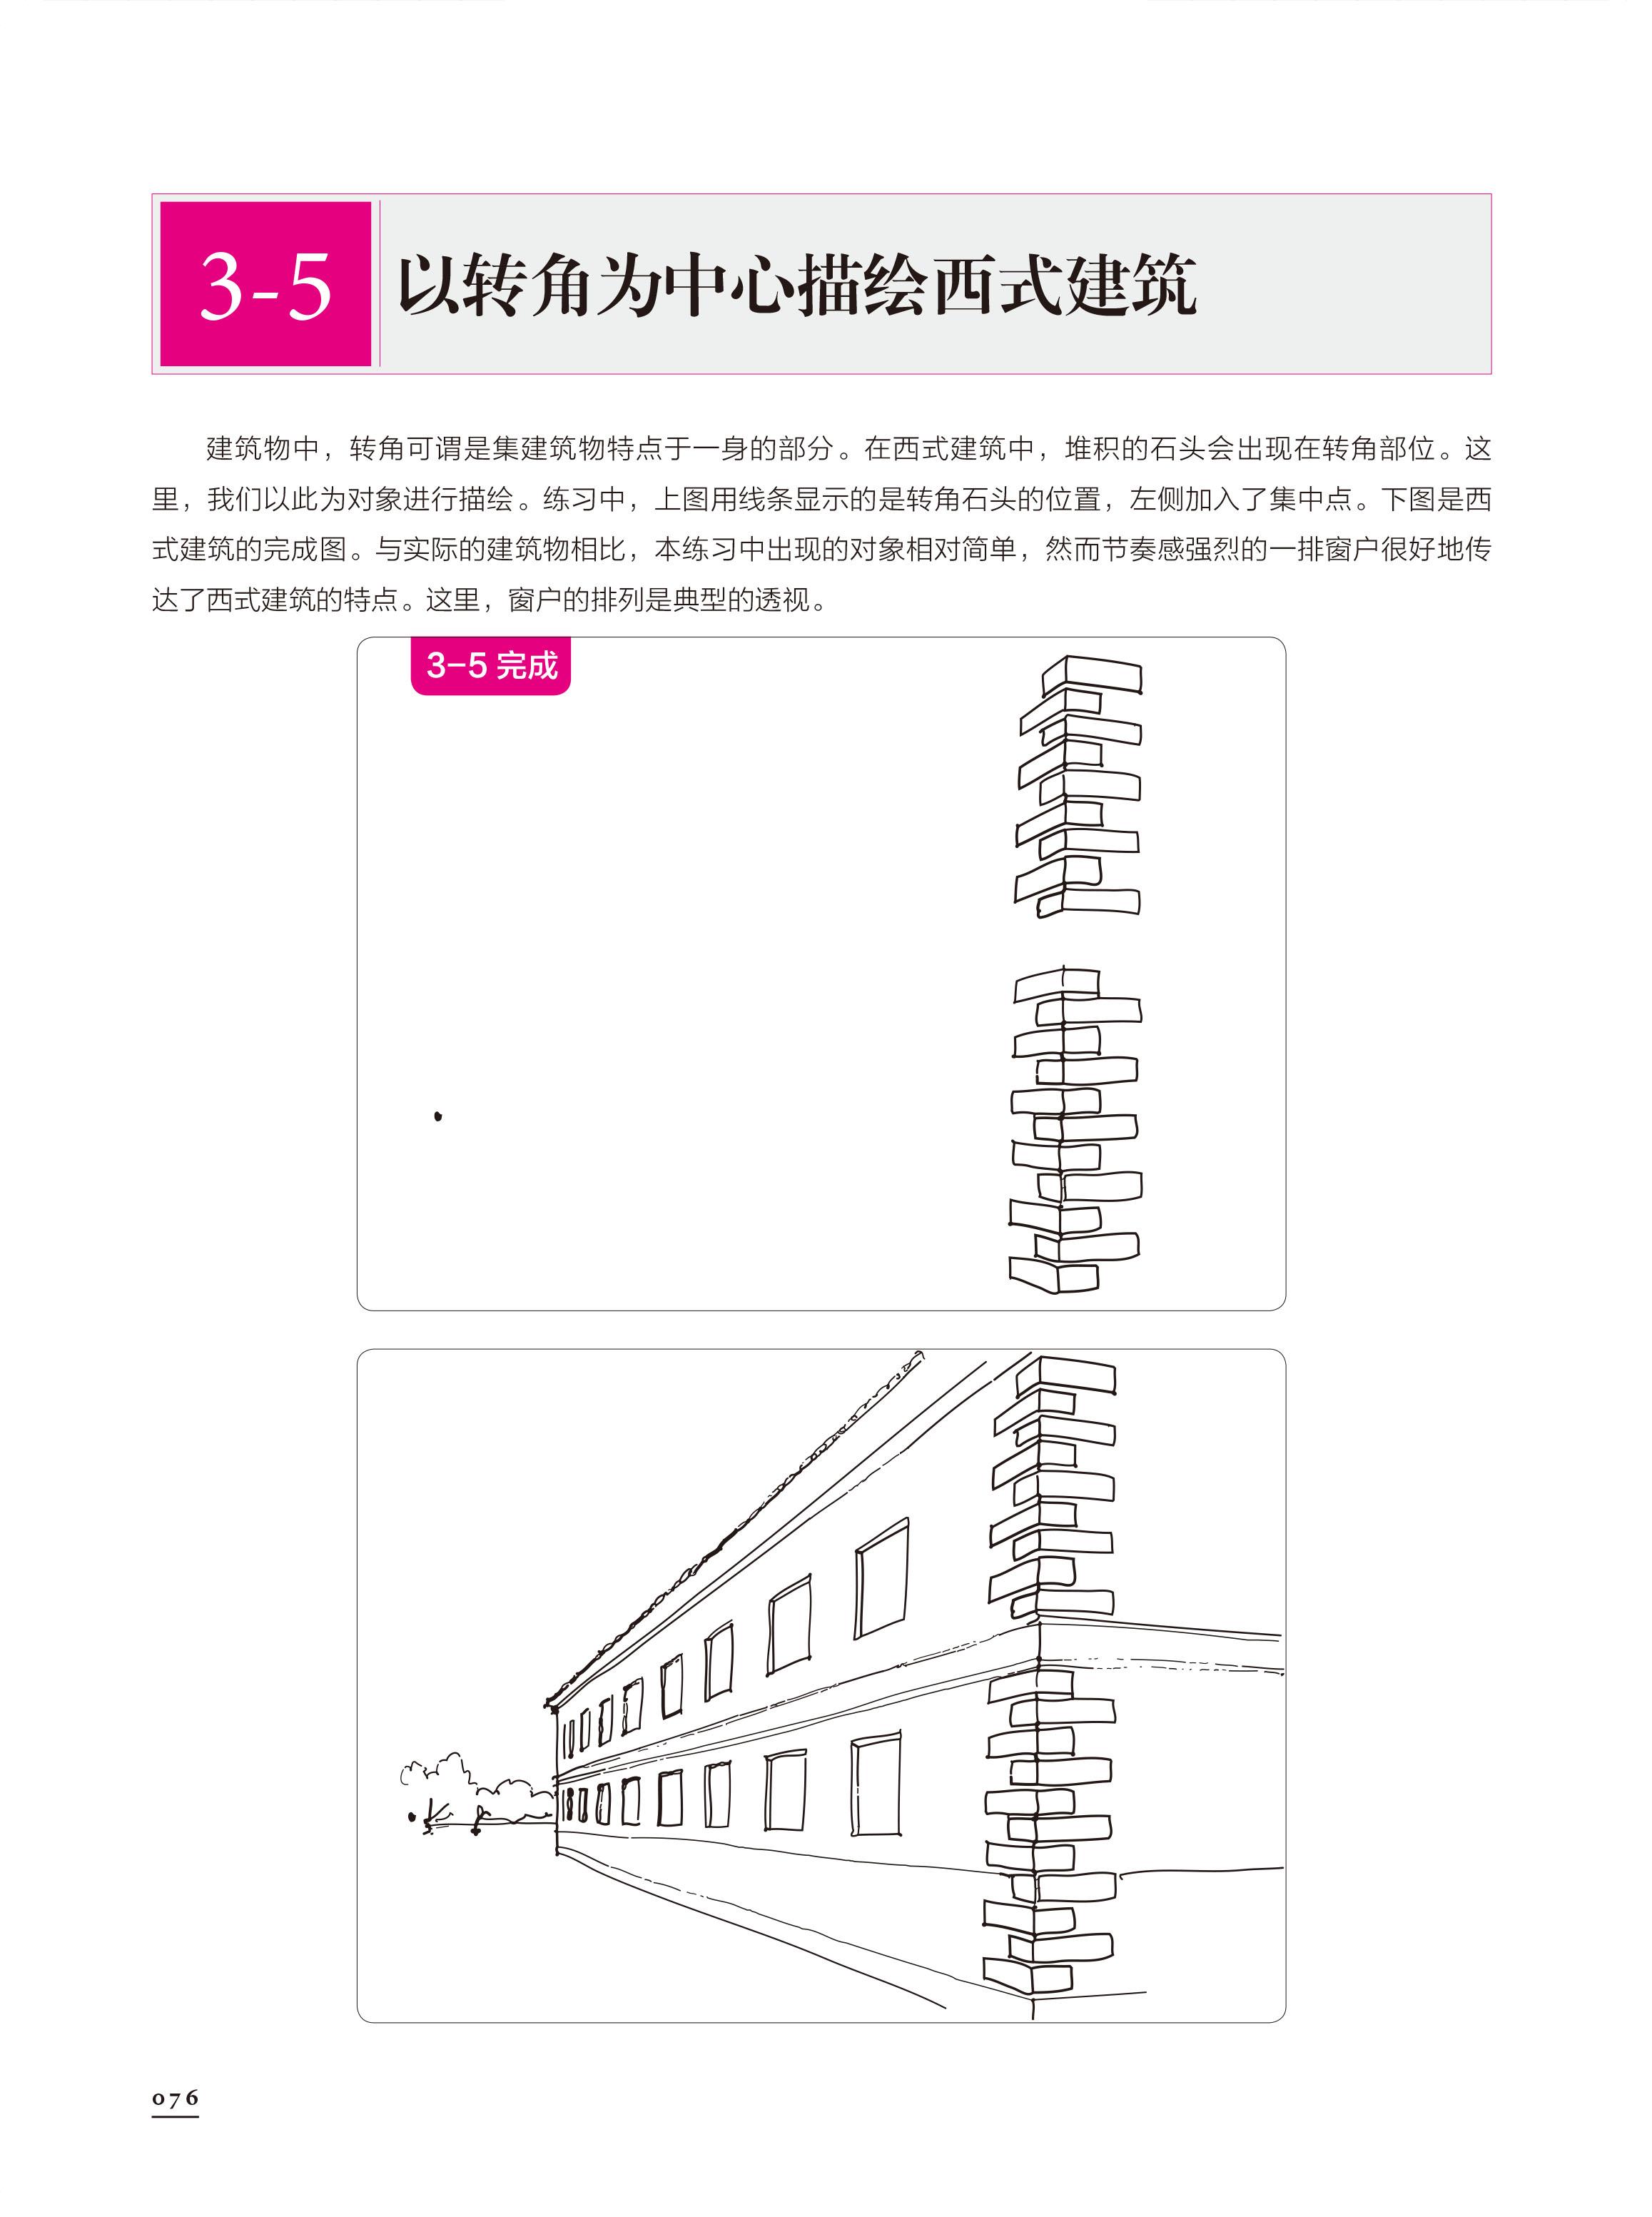 《建筑速写透视基础》图书内容分享(原创文章)